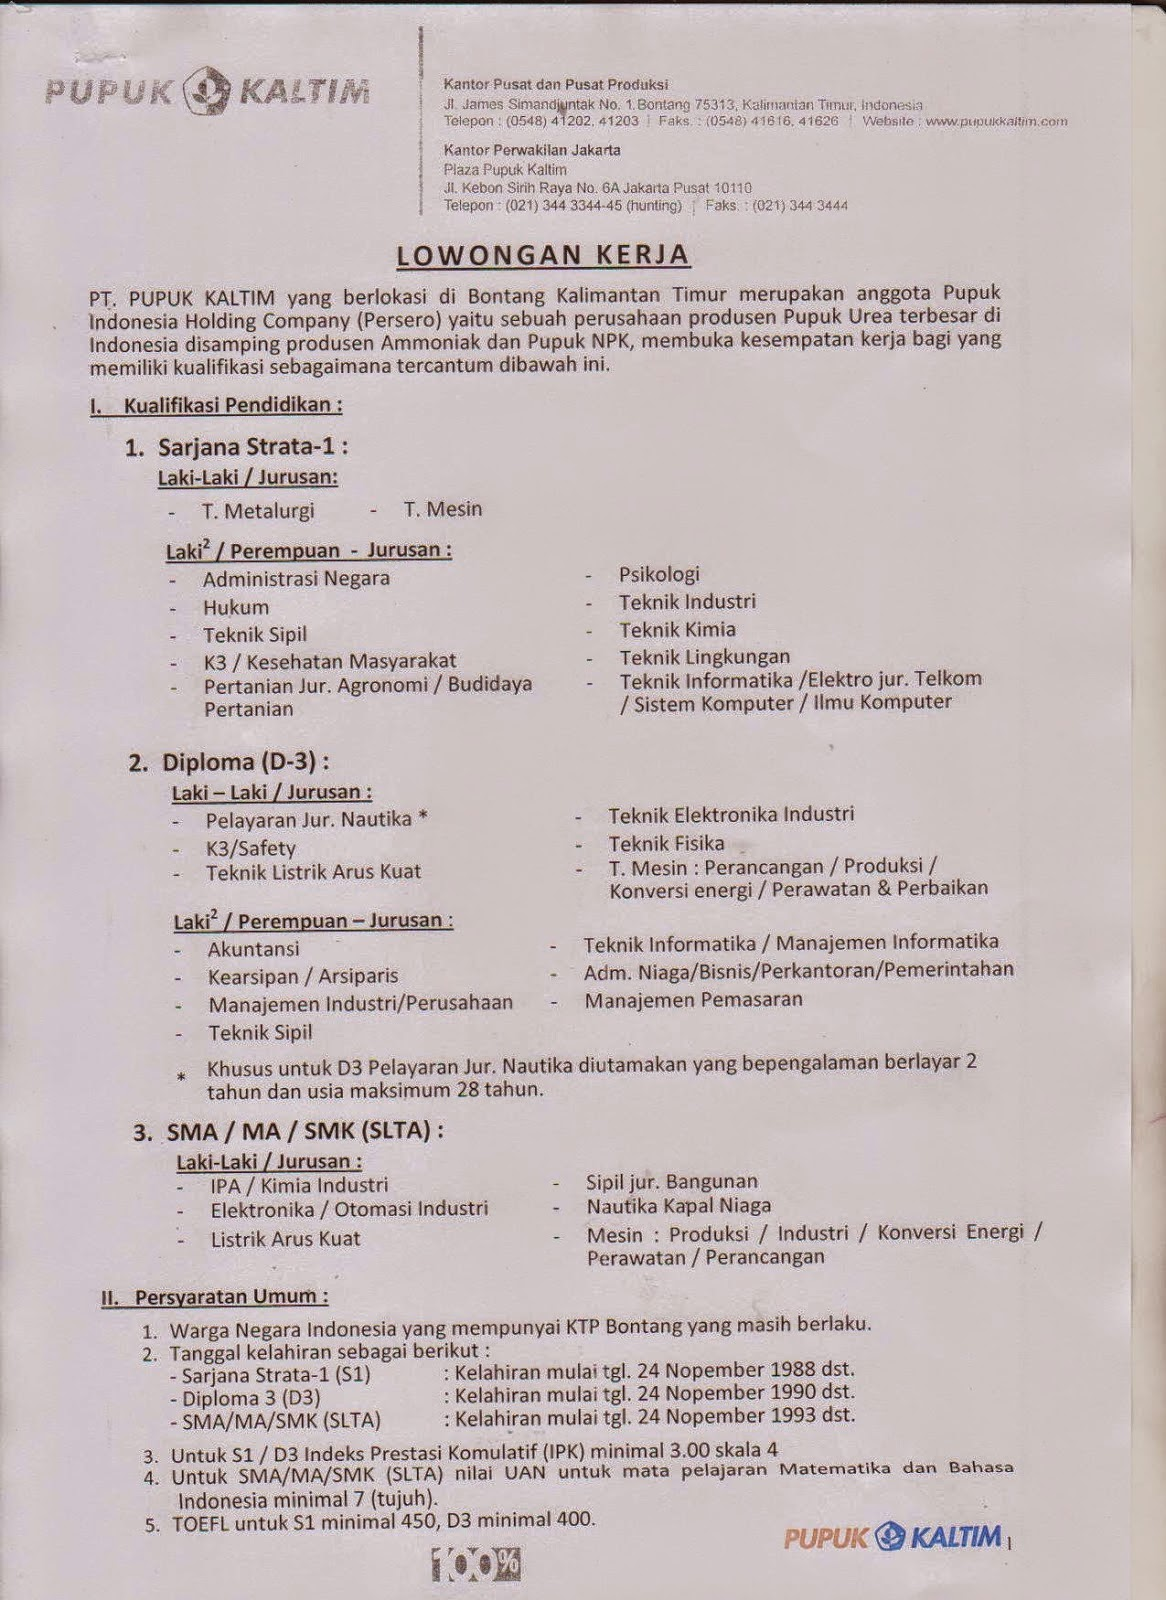 Lowongan Kerja Terbaru PT.Pupuk Kaltim Bontang November 2014 - www.pupukkaltim.com